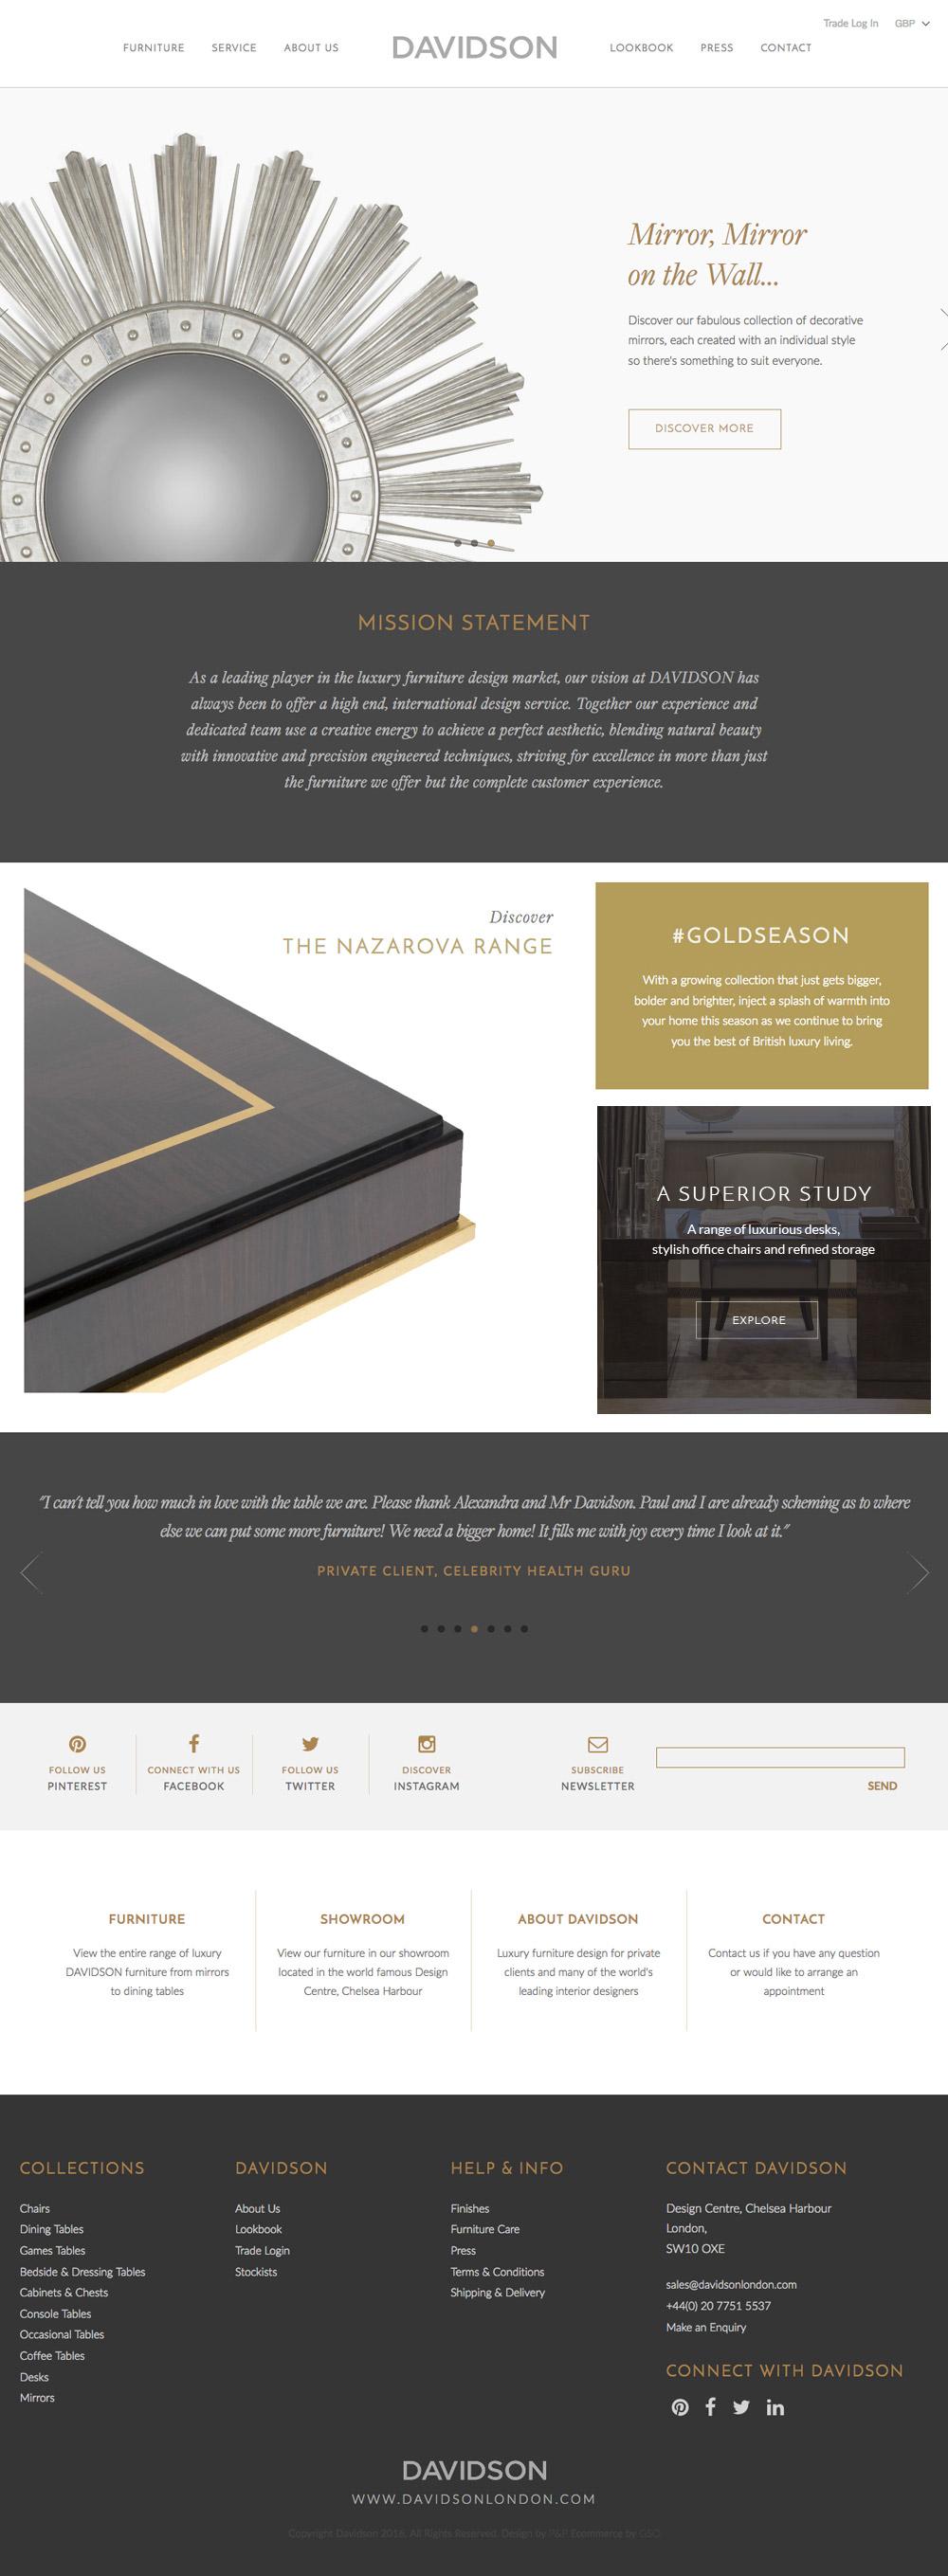 Davidson London davidson homepage2